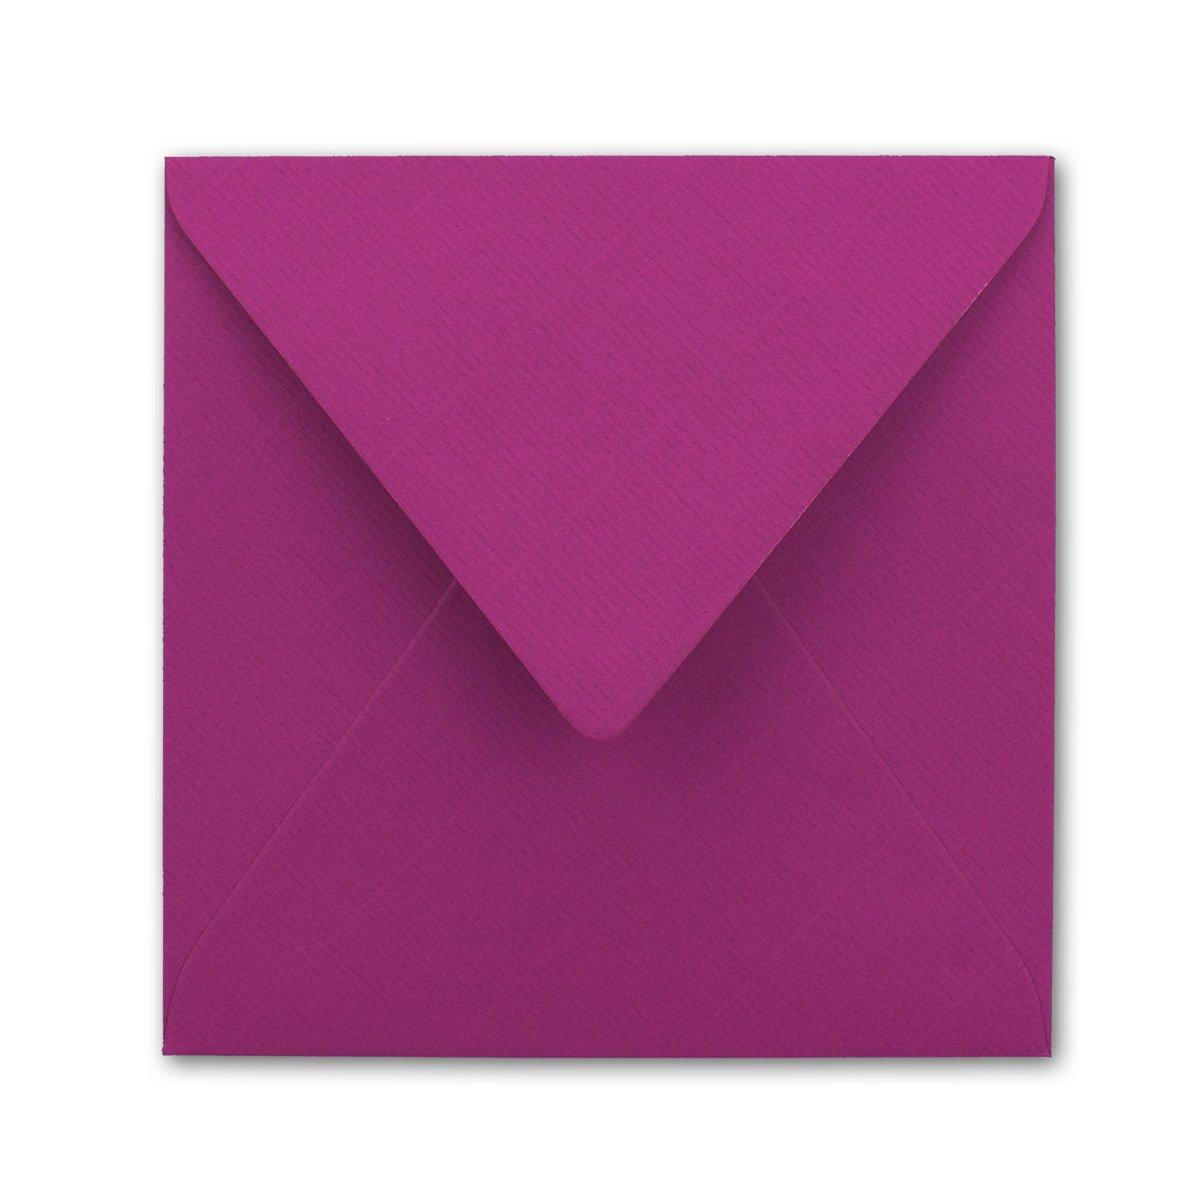 Quadratisches Falt-Karten-Set I 15 x 15 15 15 cm - mit Brief-Umschlägen & Einlege-Blätter I Royalblau I 75 Stück I KomplettpaketI Qualitätsmarke  FarbenFroh® von GUSTAV NEUSER® B07D4GF9CK | Räumungsverkauf  8c3901